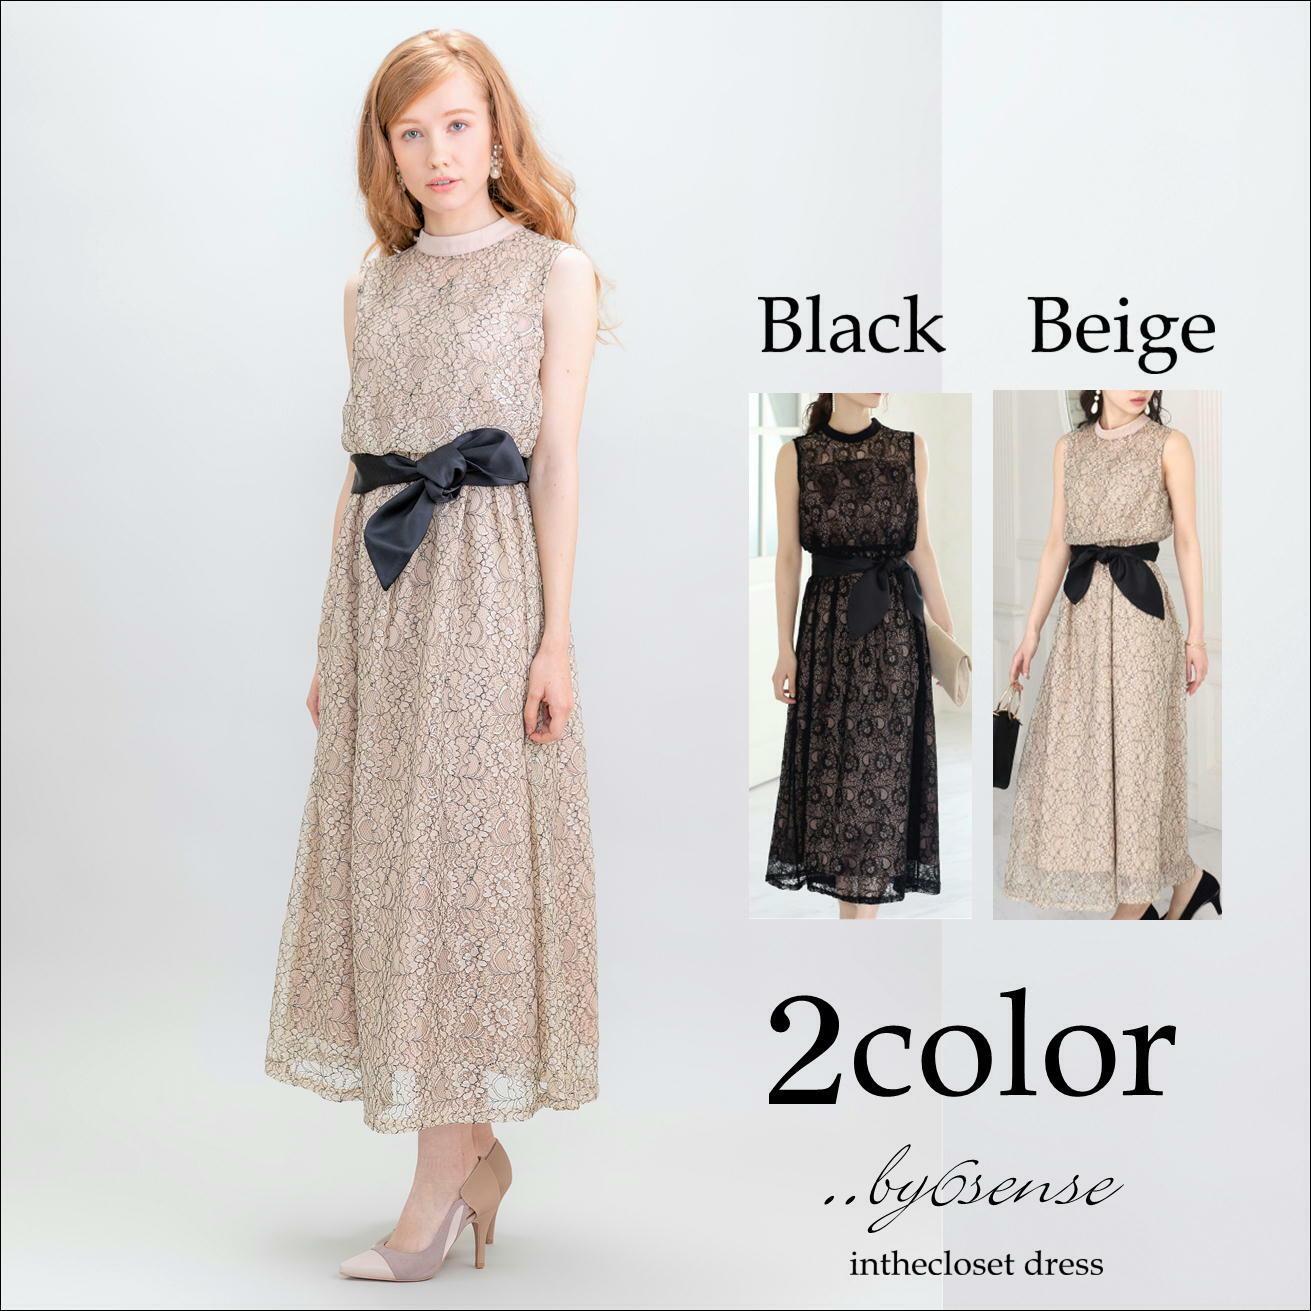 2color BeigeORBlack 結婚式・セレモニー対応◆ハイネック総レースロングドレス 送料無料ドレス